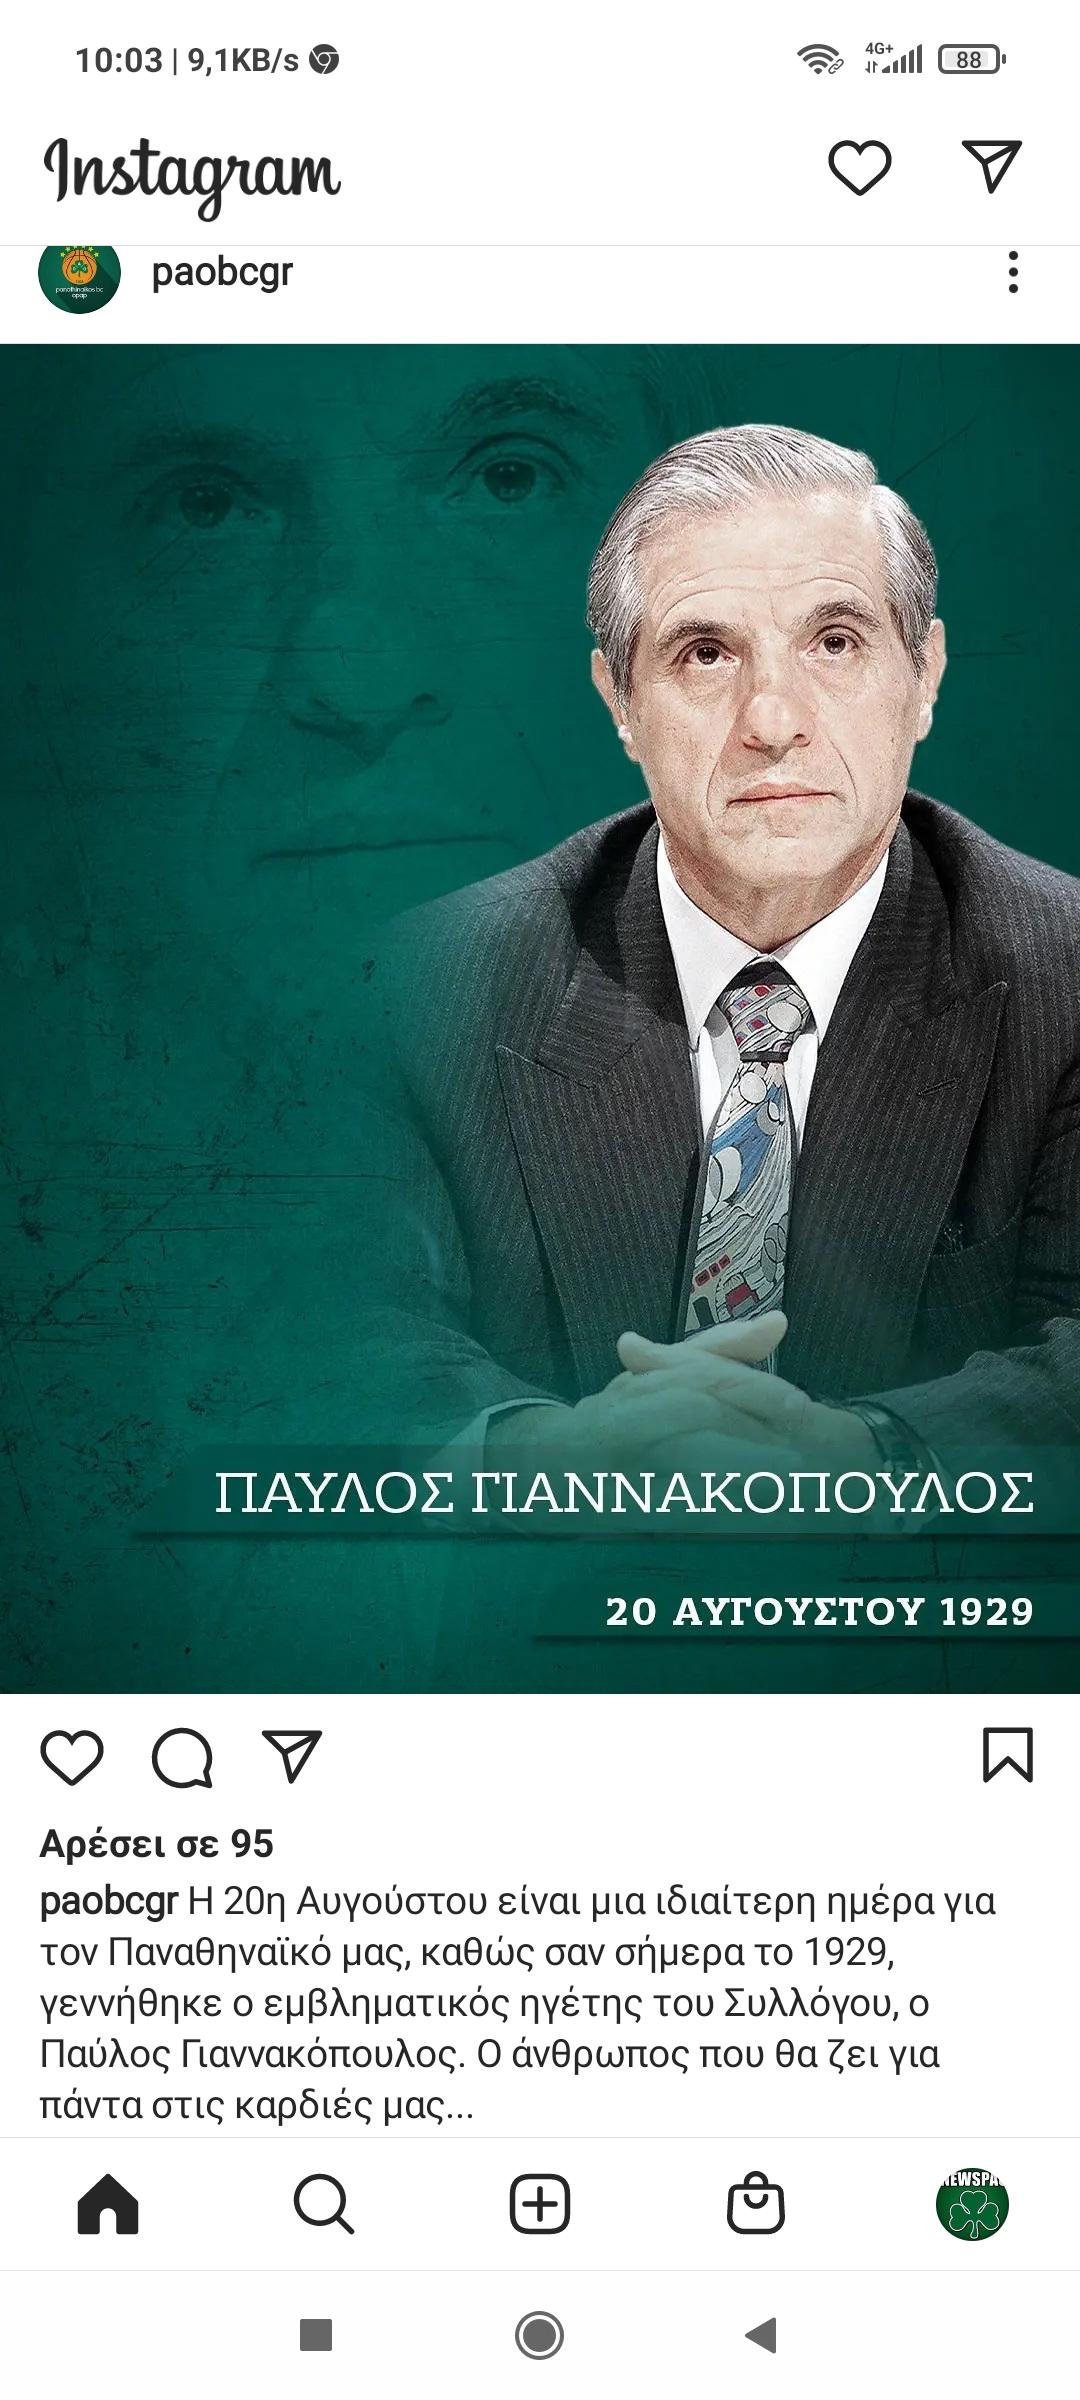 Σαν σήμερα γεννήθηκε ο Παύλος Γιαννακόπουλος - Για πάντα στις καρδιές μας